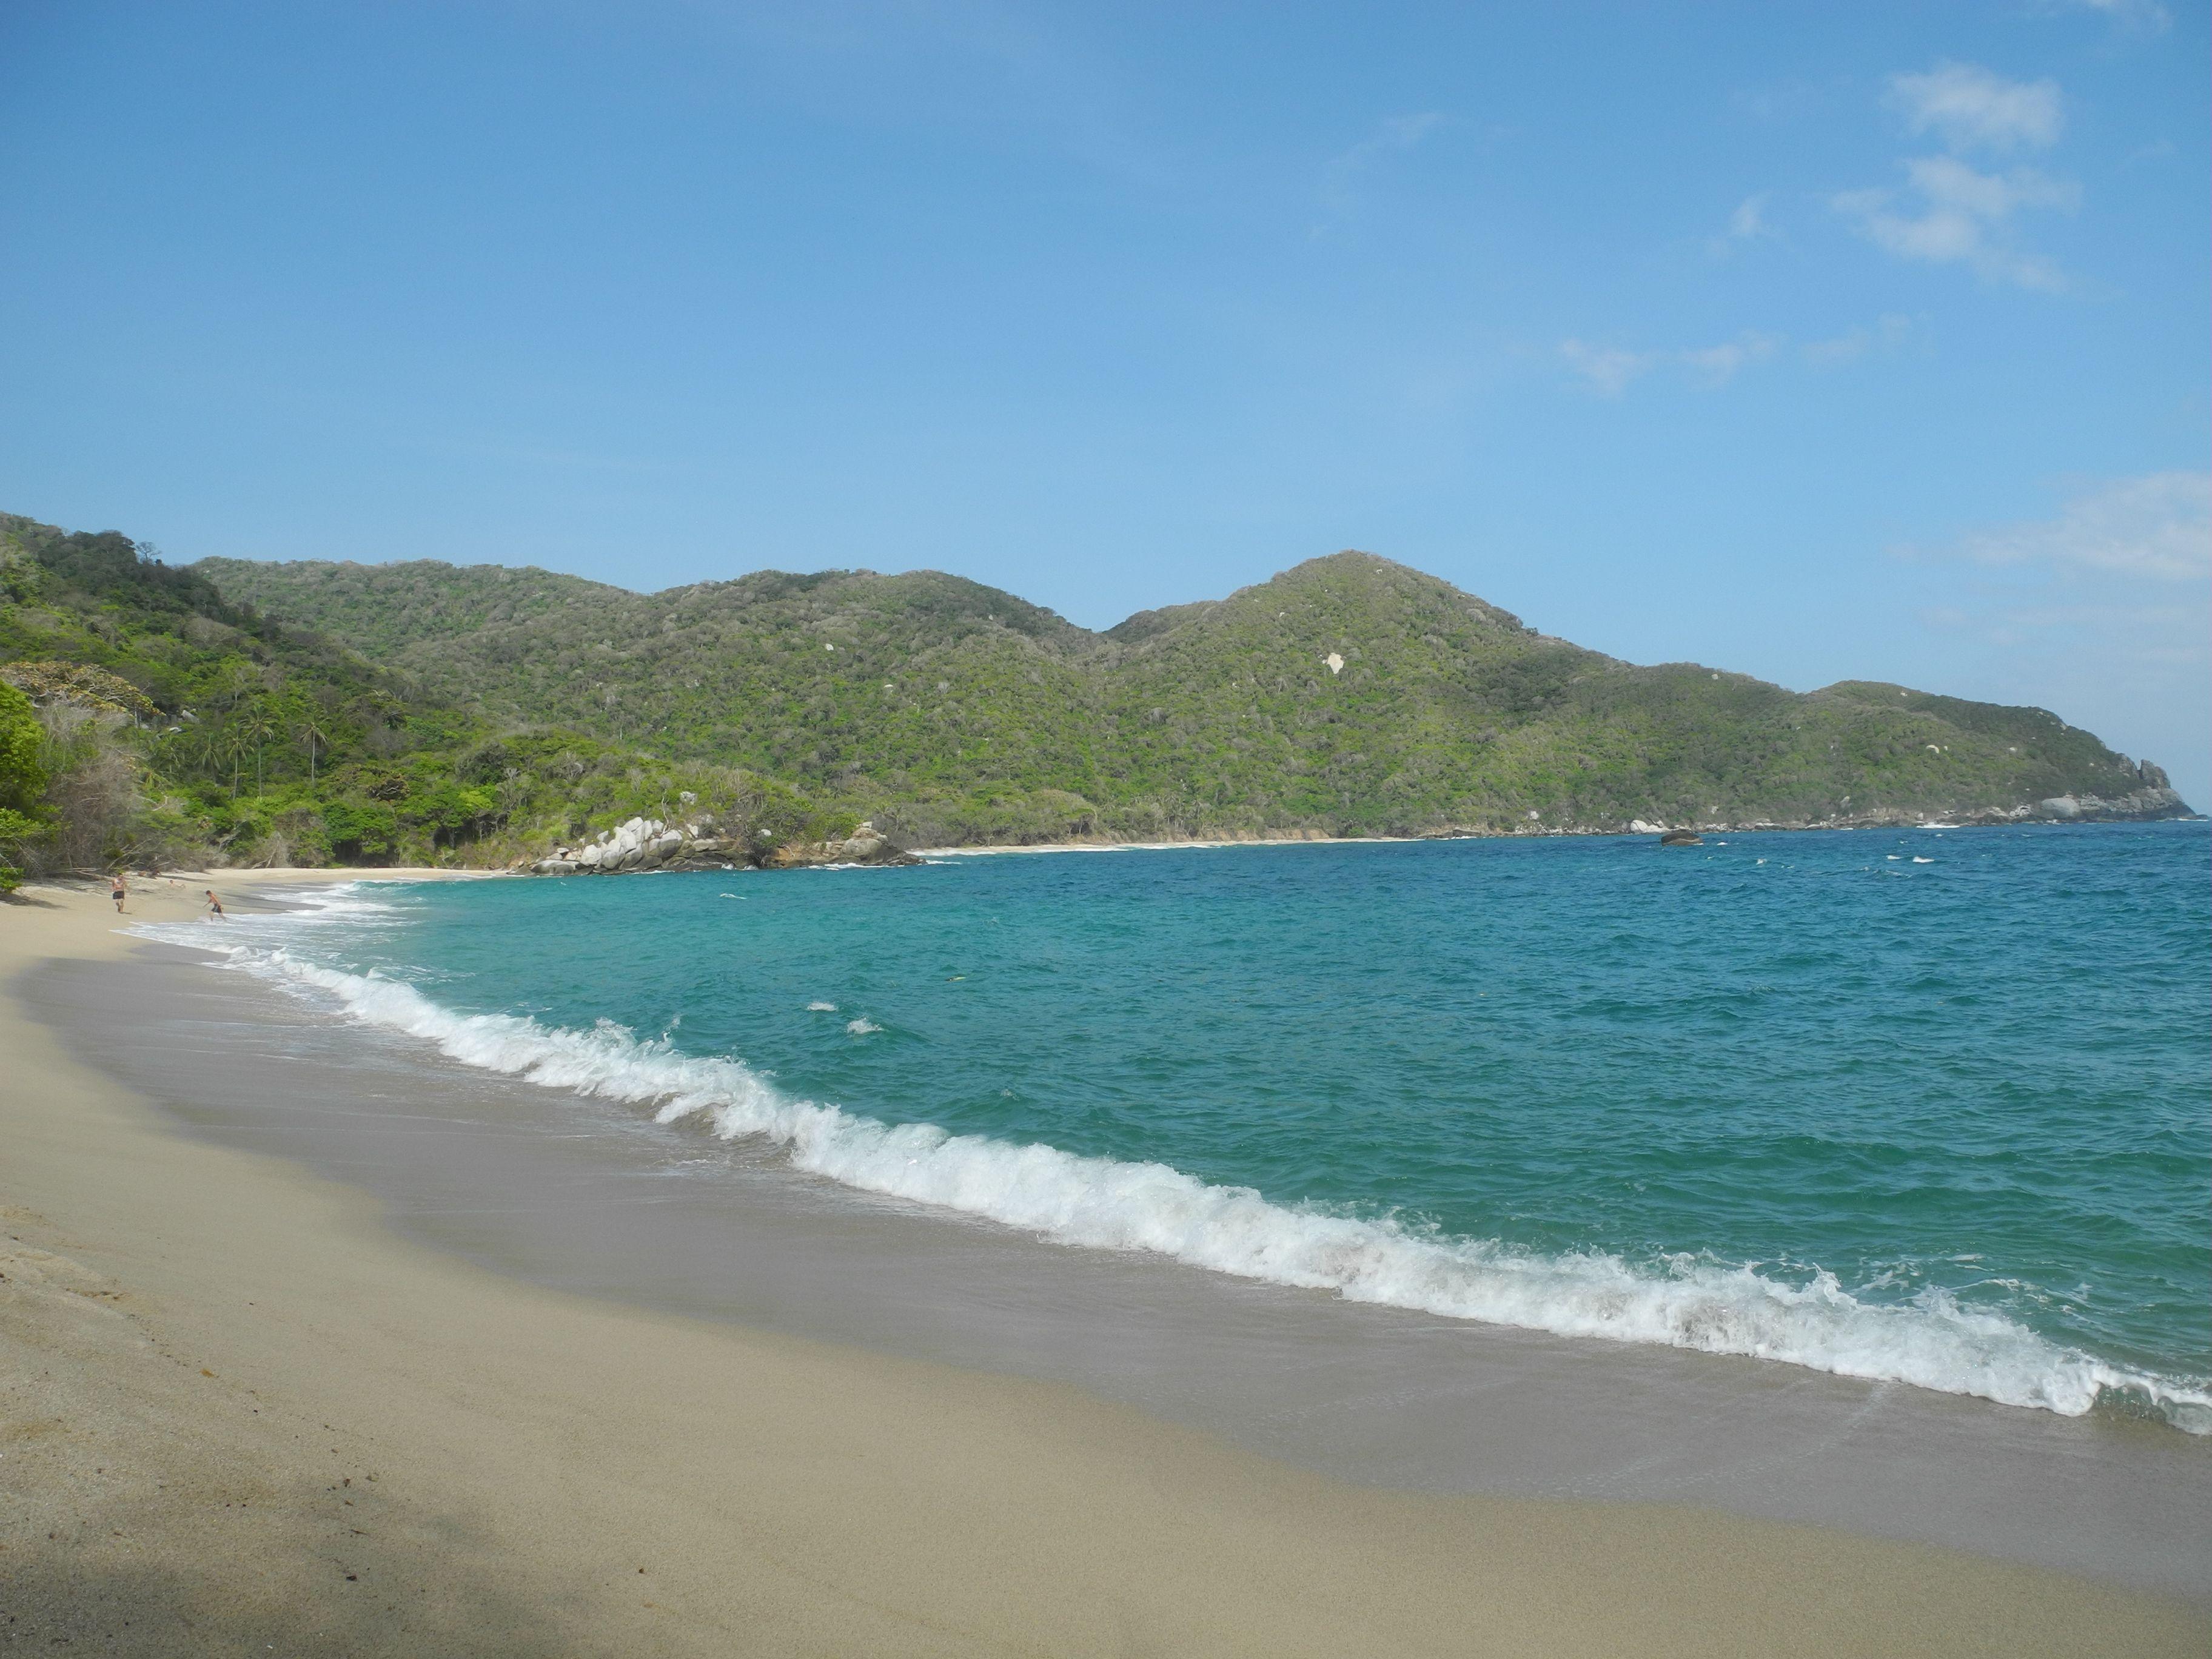 Caraïbe nature : Minca, Taganga, Tayrona